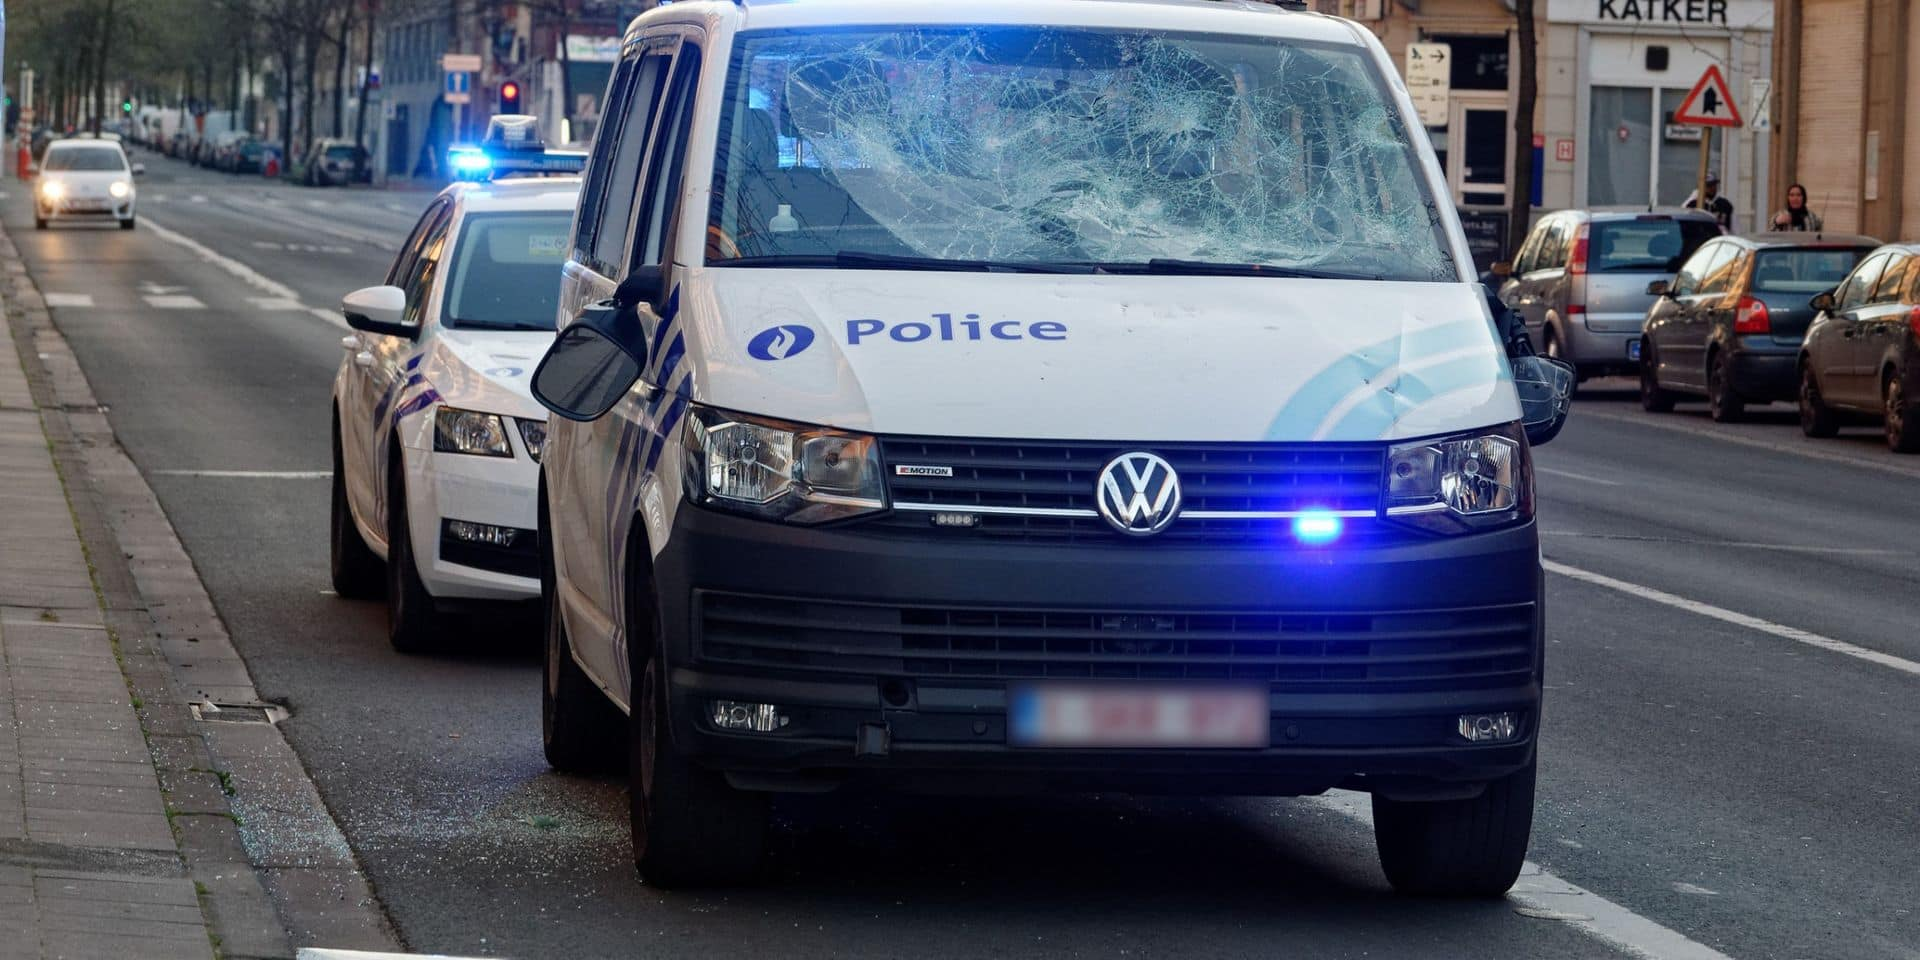 Violences contre des policiers à Anderlecht: de nouvelles images diffusées